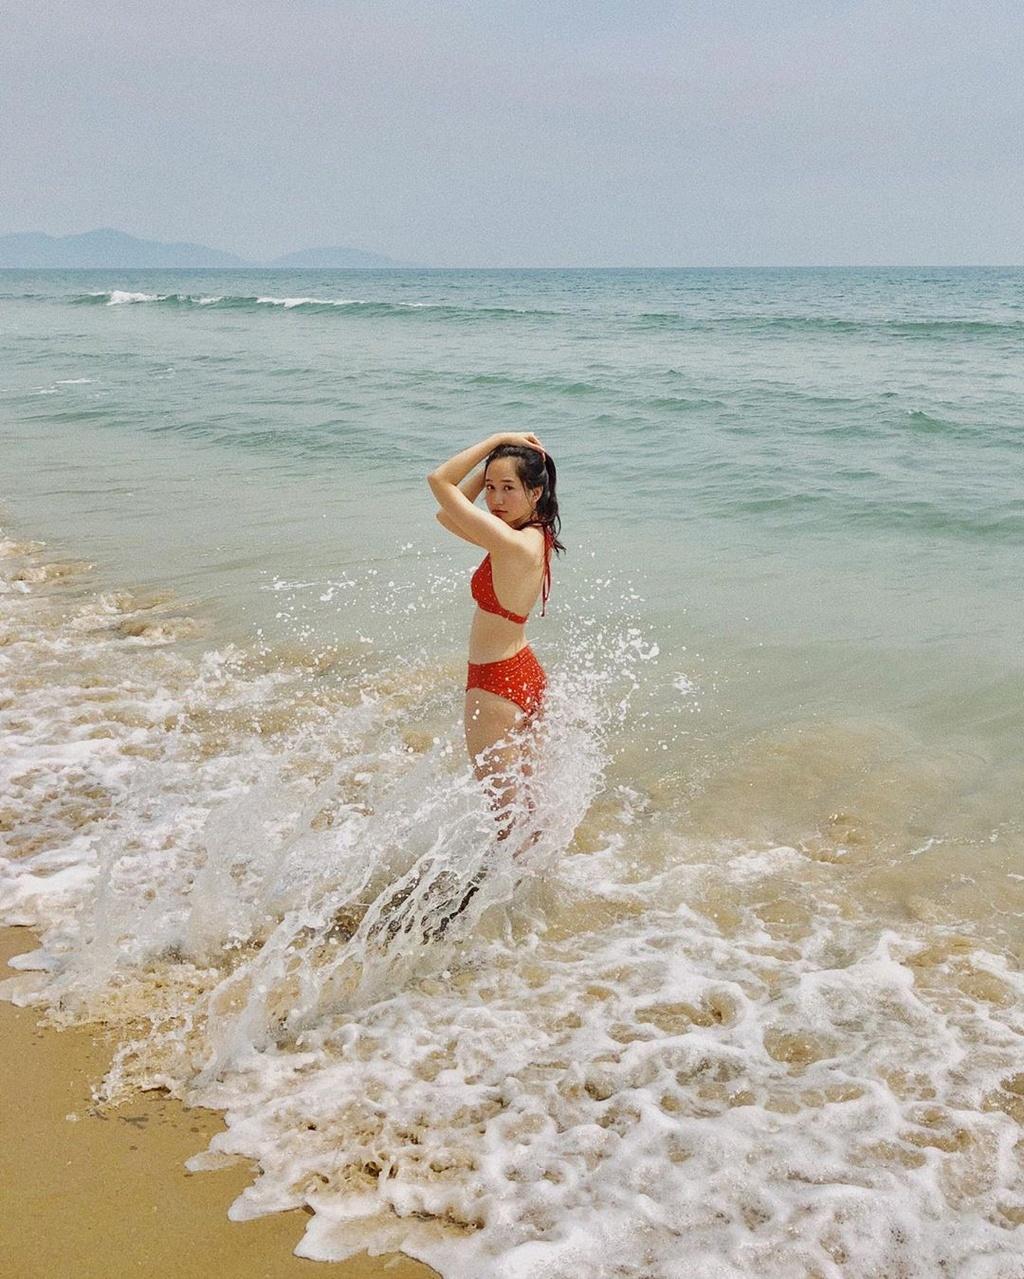 Ha Lan 'Mat biec' chuong style nang tho, Hong thich kieu truong thanh hinh anh 9 68764421_2813788728634481_328320829255447092_n.jpg